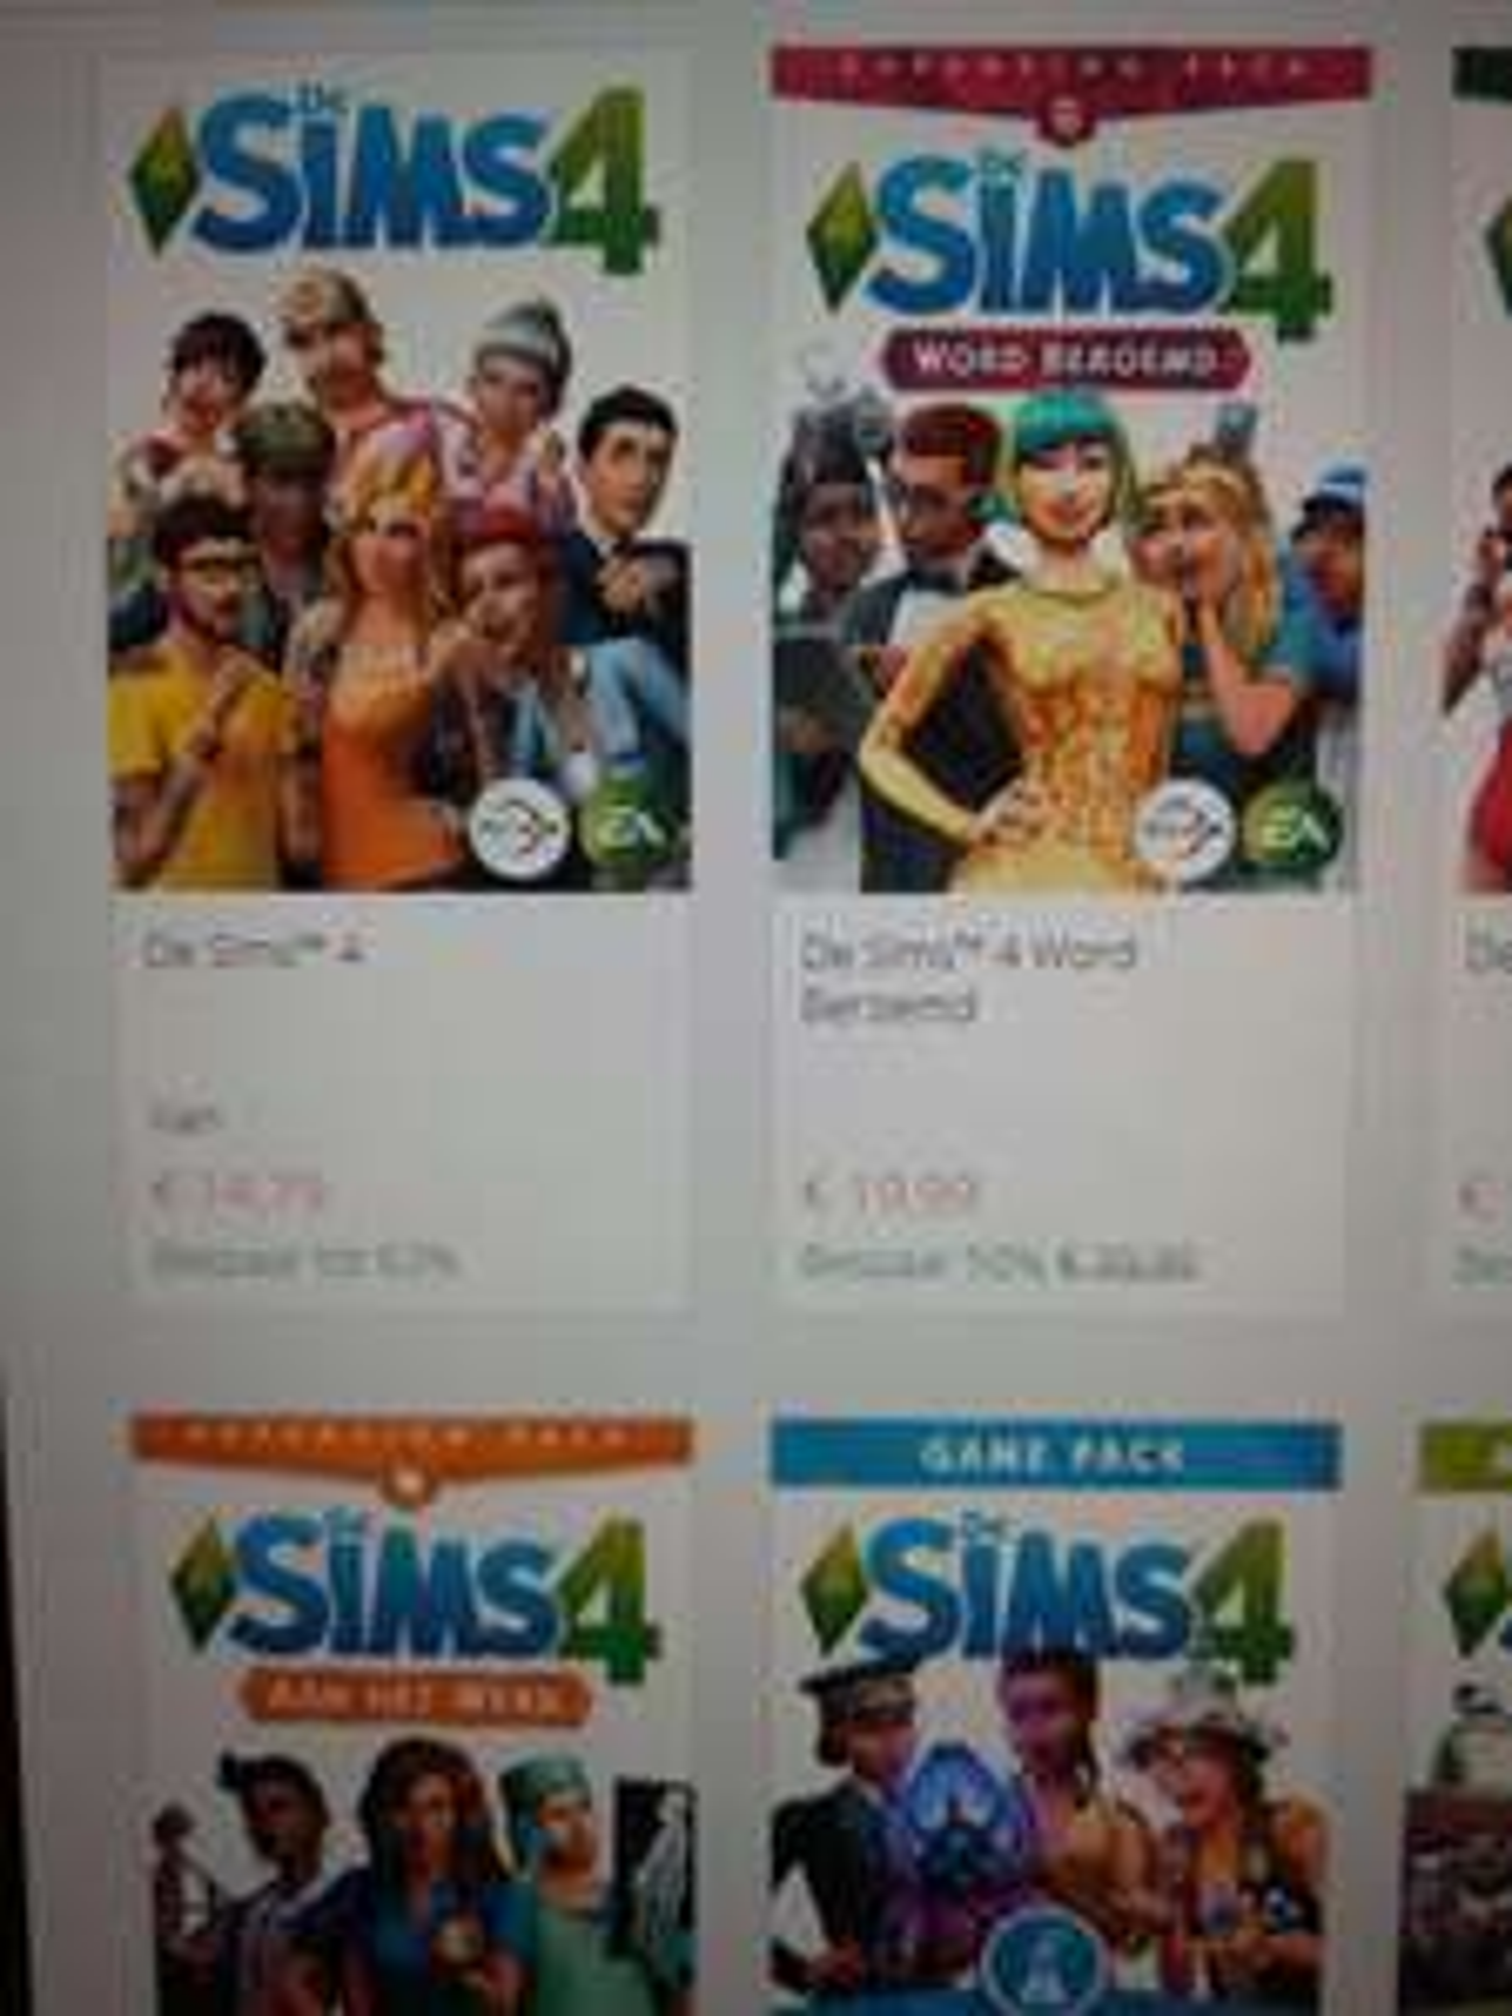 De Sims 4 aanbiedingen